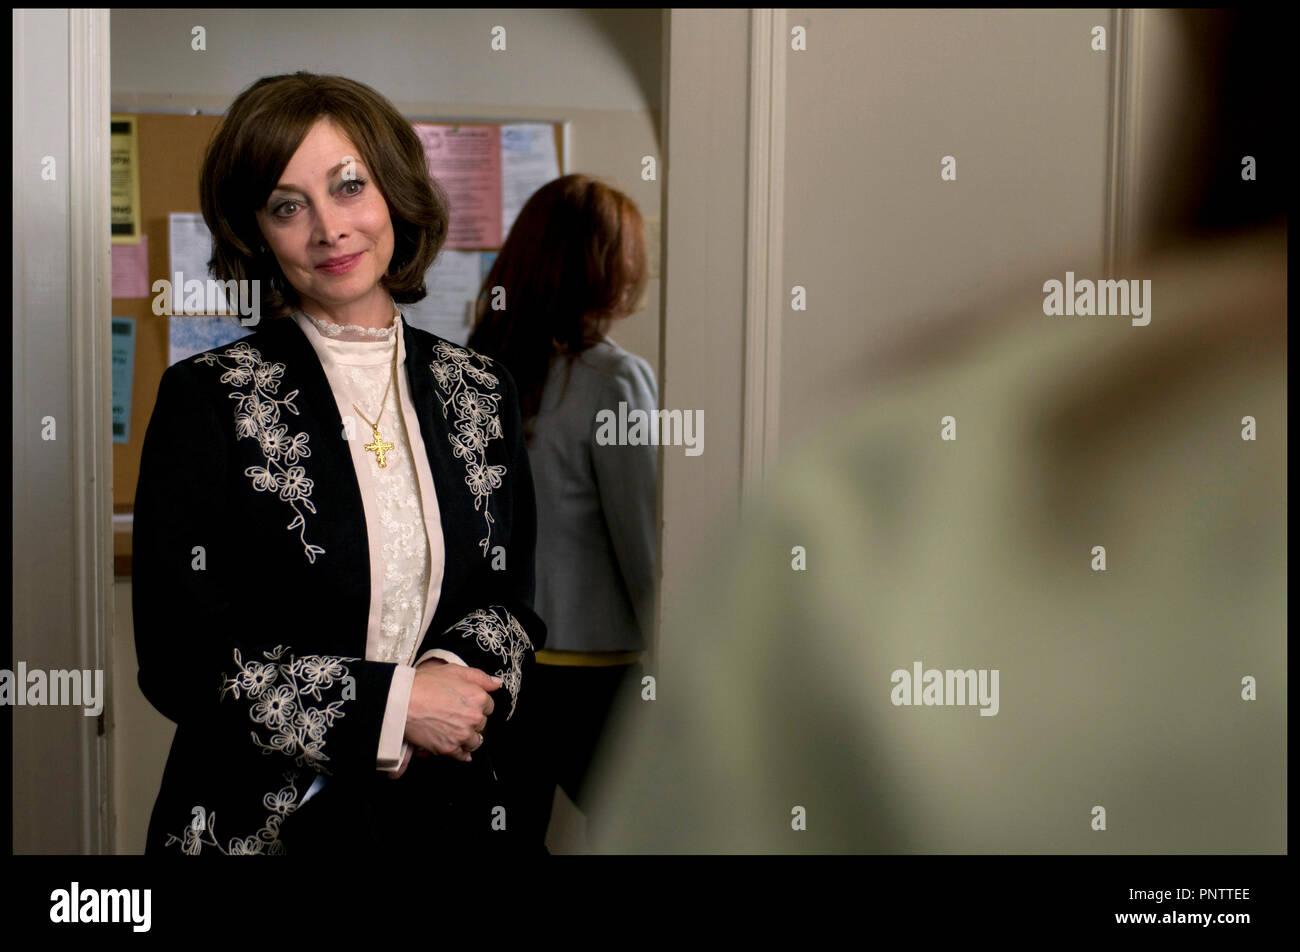 Prod DB © Certitude Films - Présent IMAGES / DR LA FAMILLE parfaite de Anne Renton 2011 États-Unis avec Sharon Lawrence Photo Stock